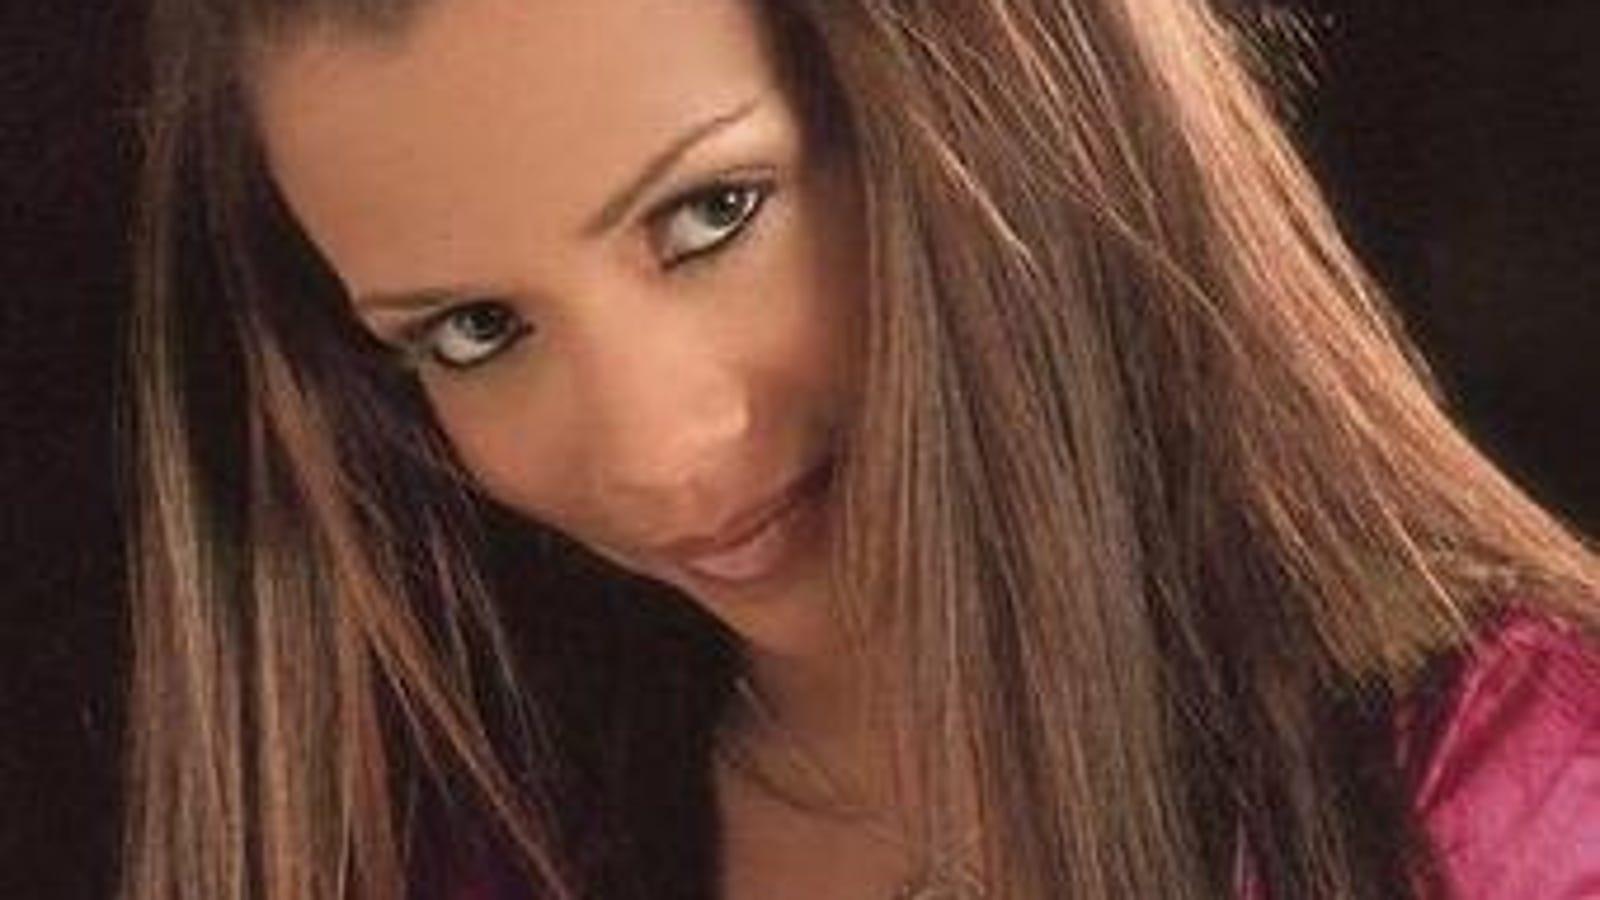 Alexandra DiNovi